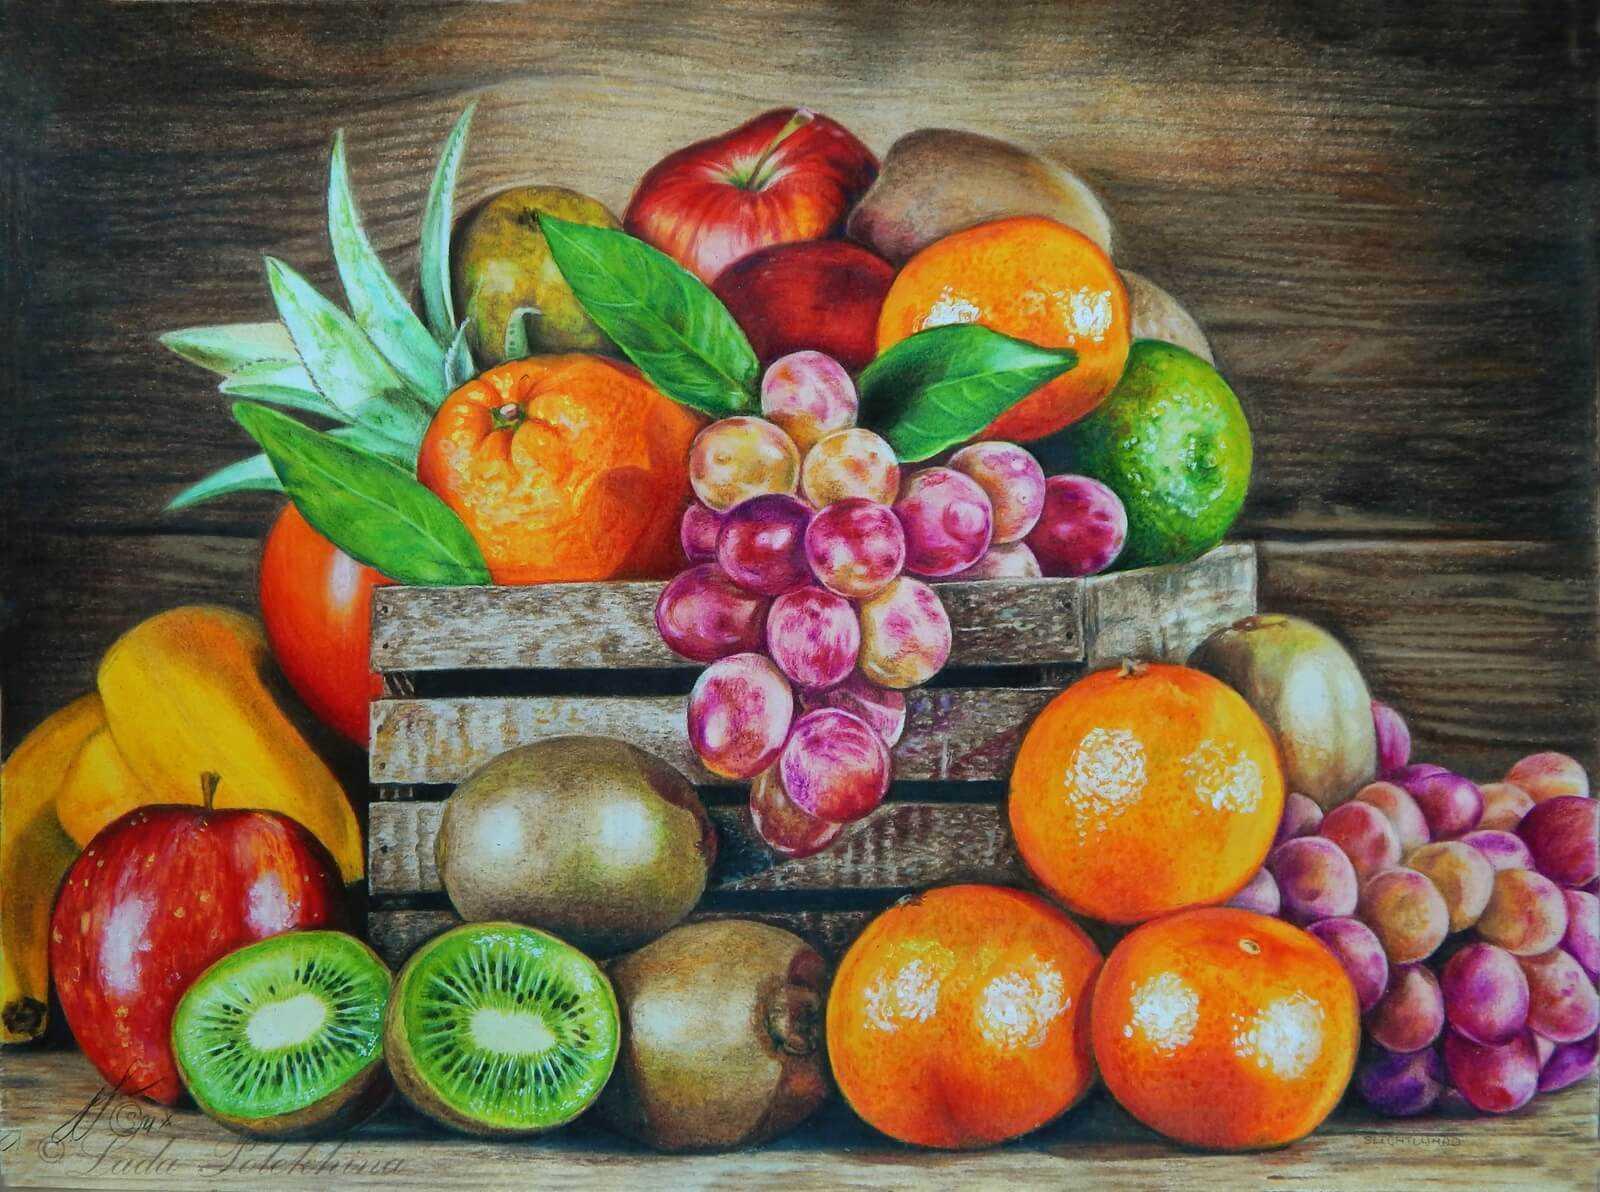 Красивый натюрморт рисунки фруктов 21